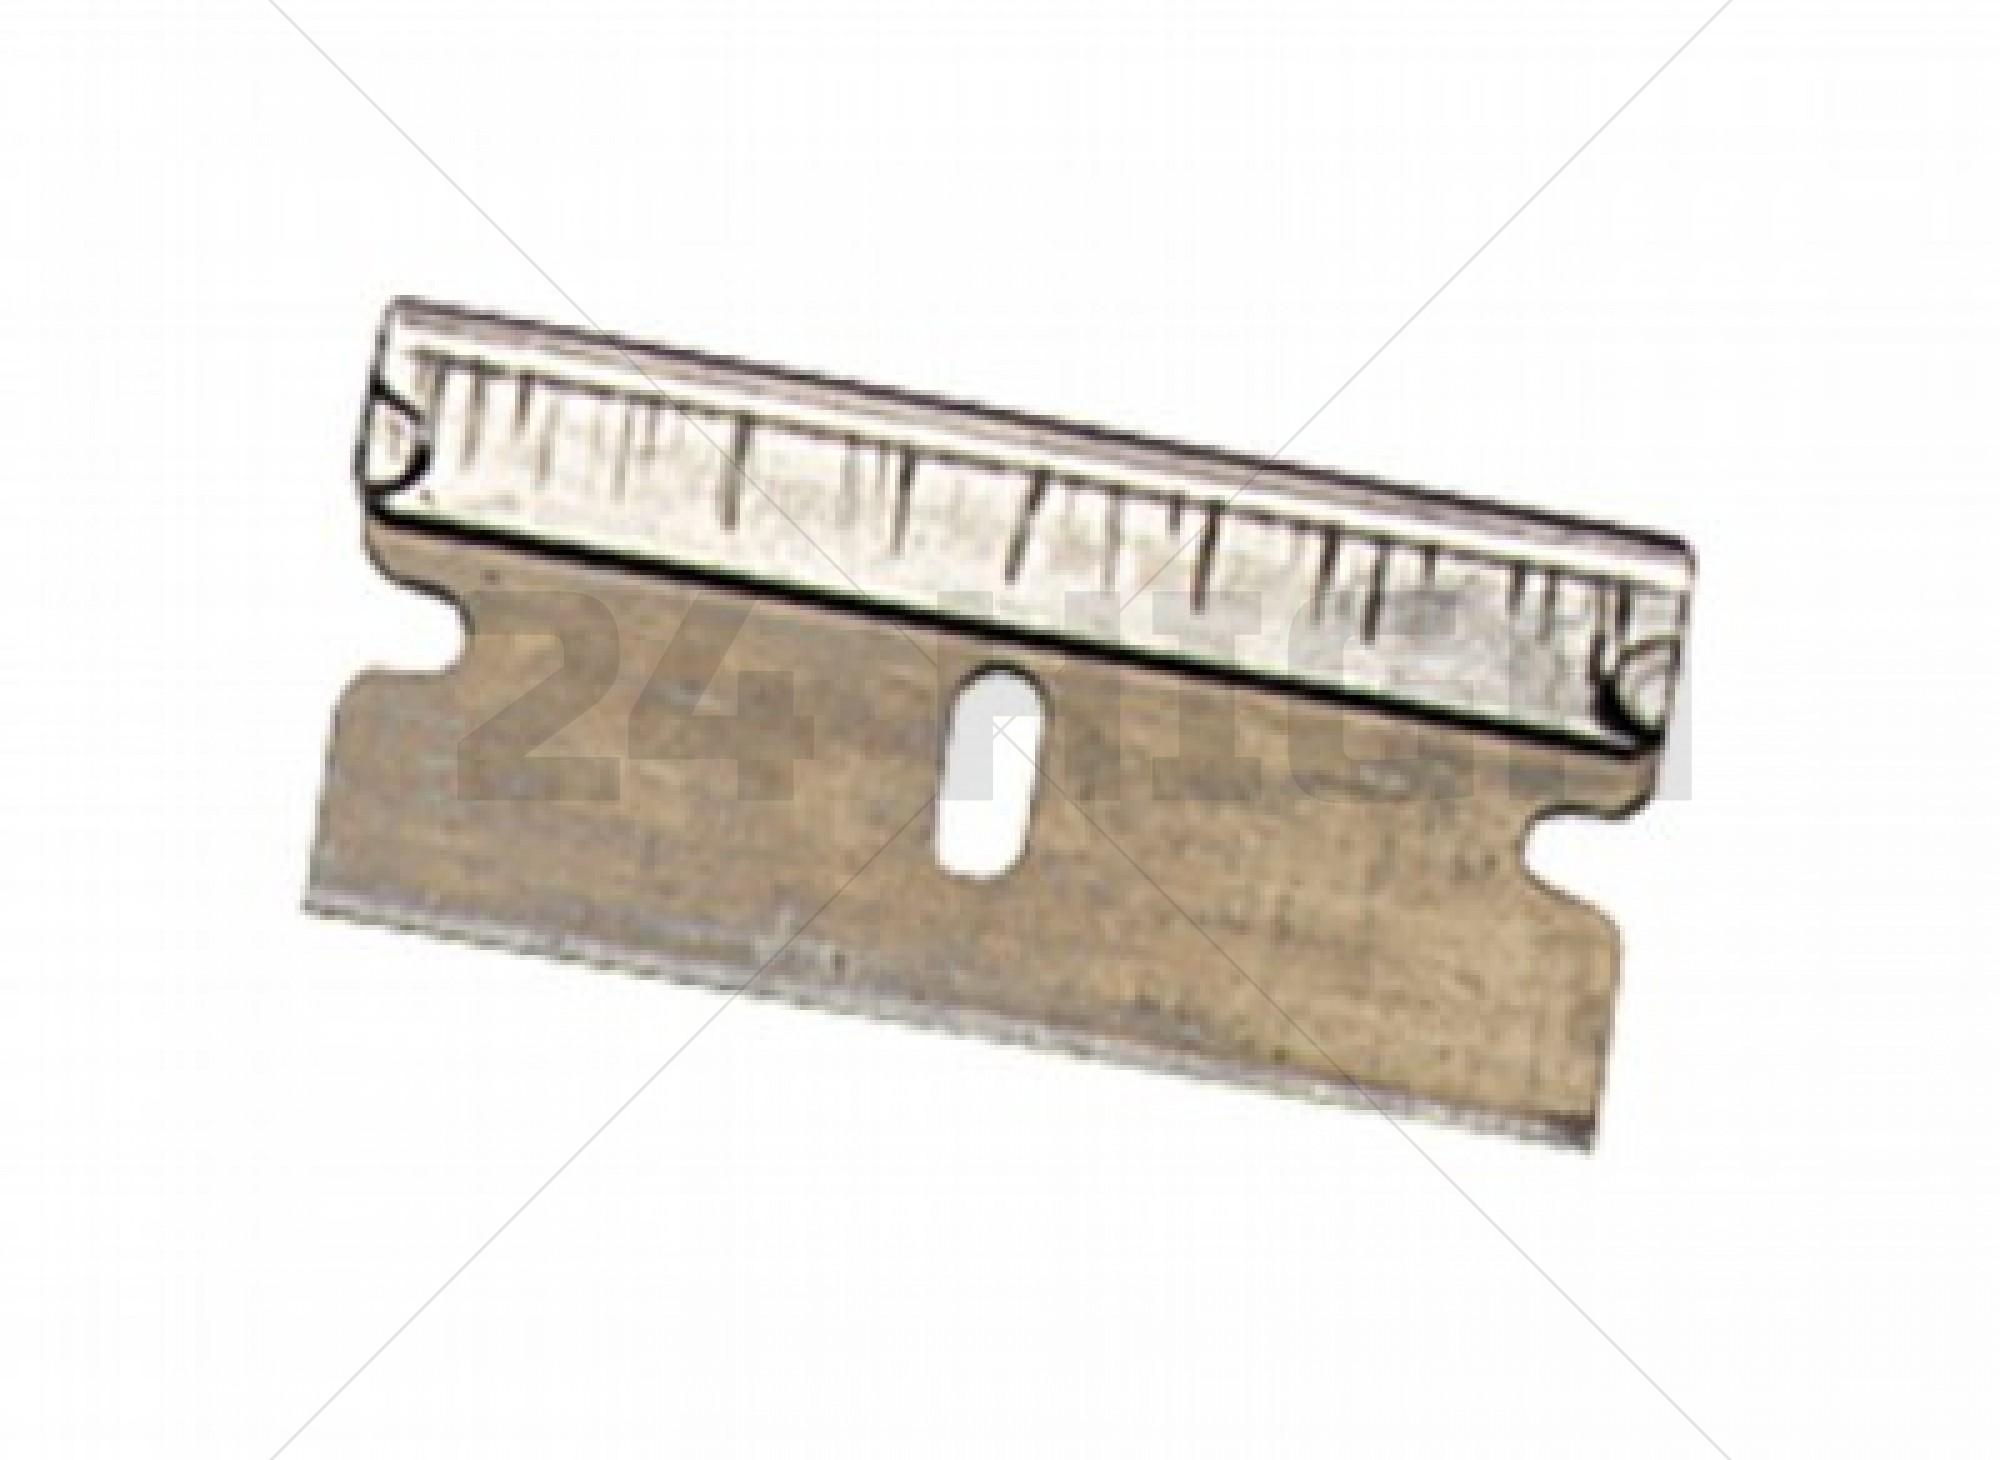 Plata Cuchilla de afeitar (Razor Blade Silver)